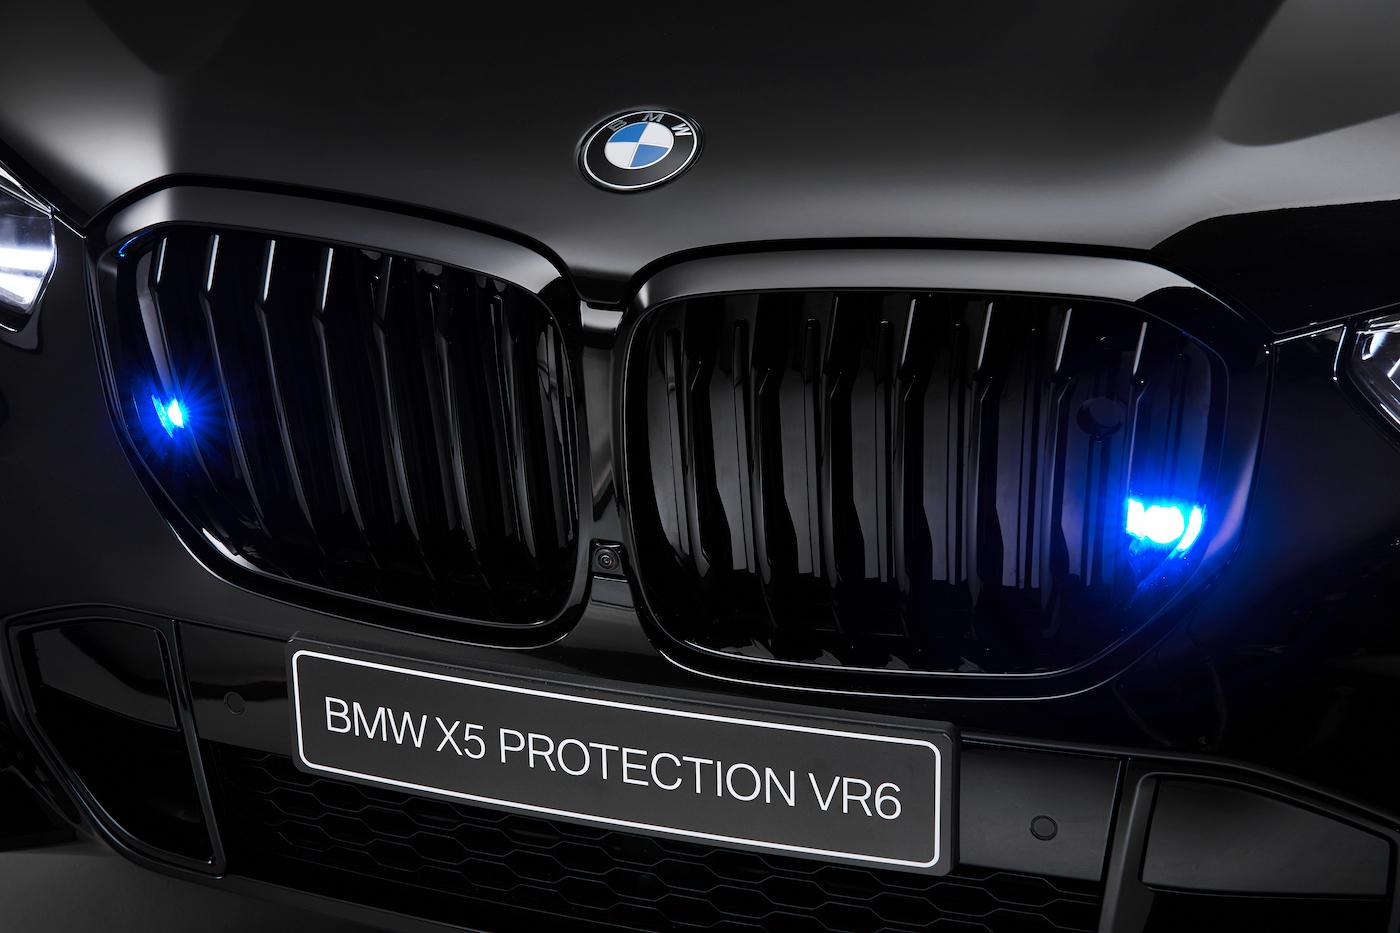 Schutz ohne Kompromisse: Der neue Panzer-BMW X5 Protection VR6 11